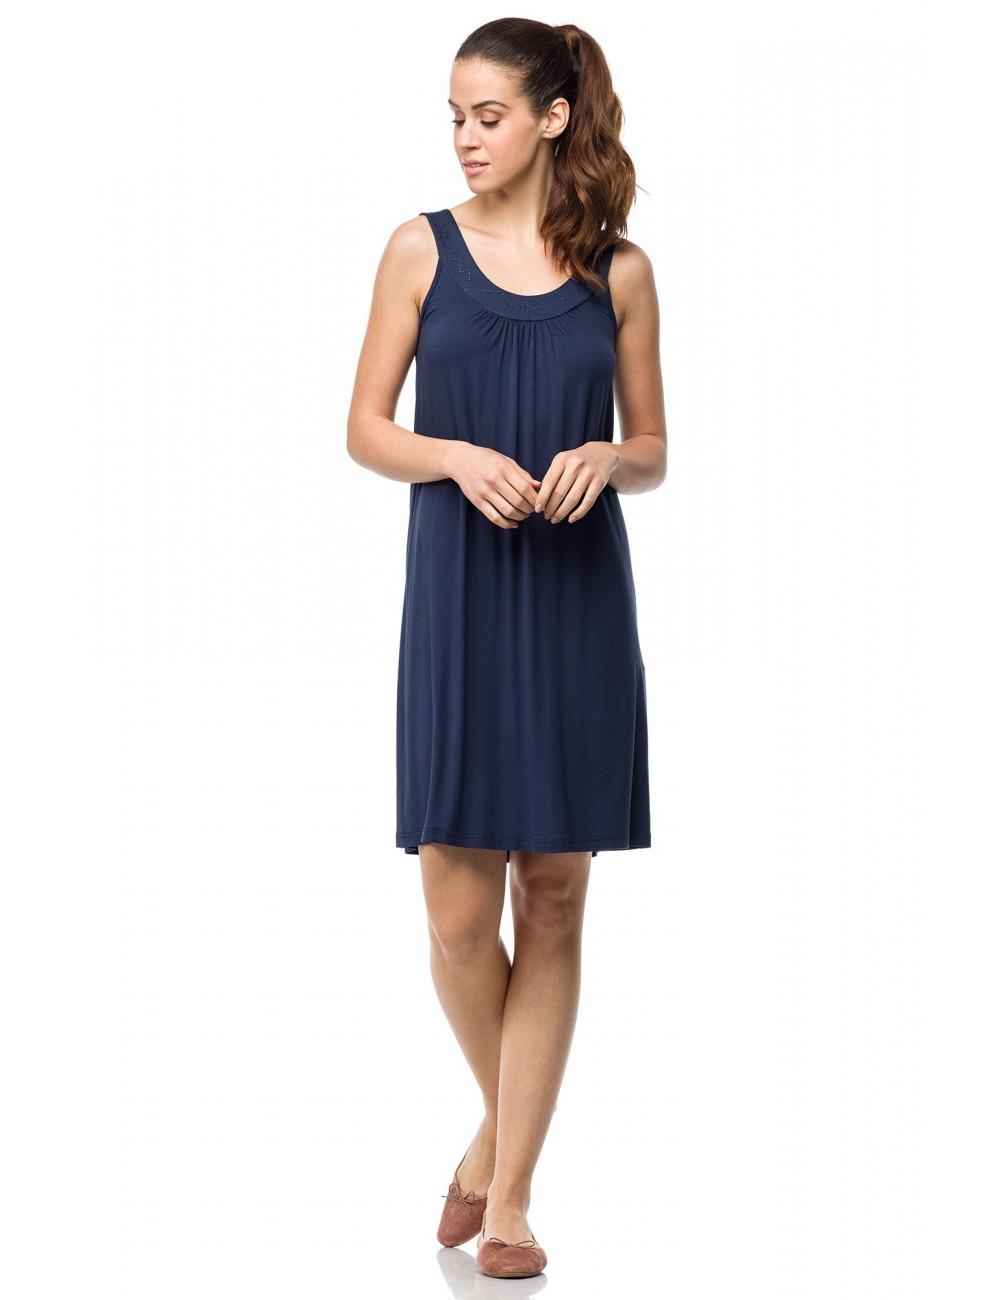 Καλοκαιρινό κλασικό φόρεμα viscose μπλε Vamp 0414